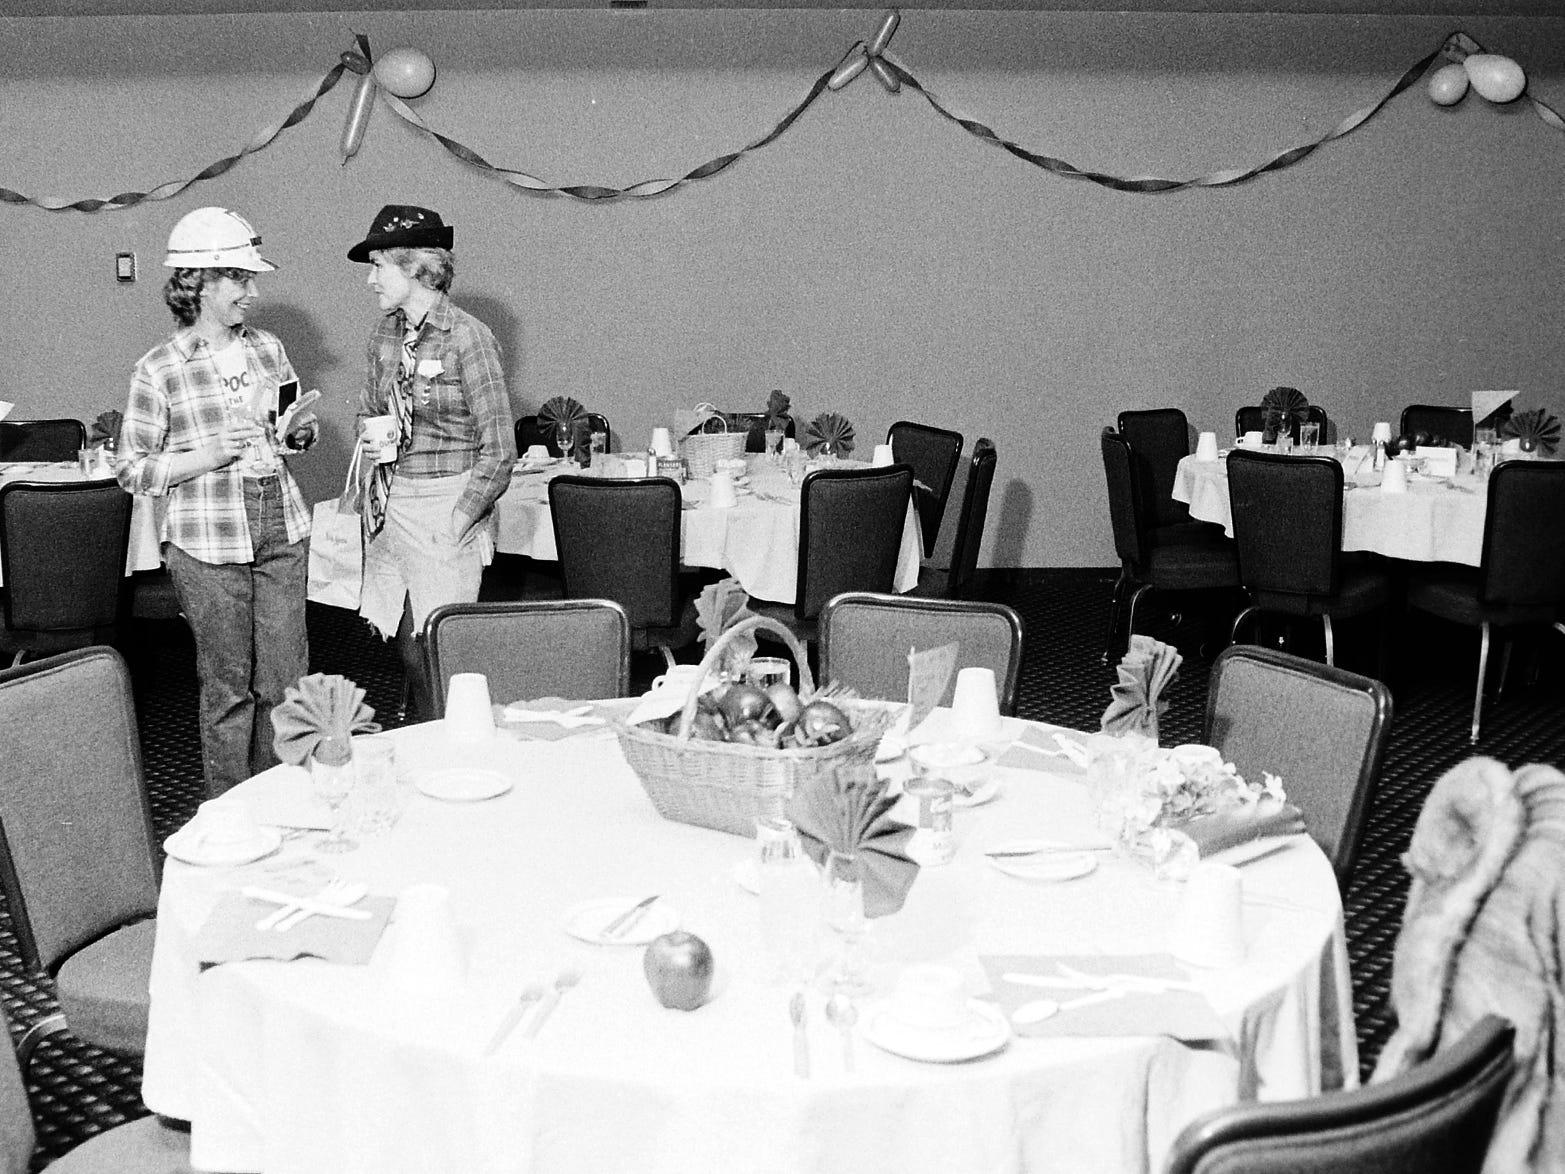 01/30/84Princess and Pauper Party at Bangor